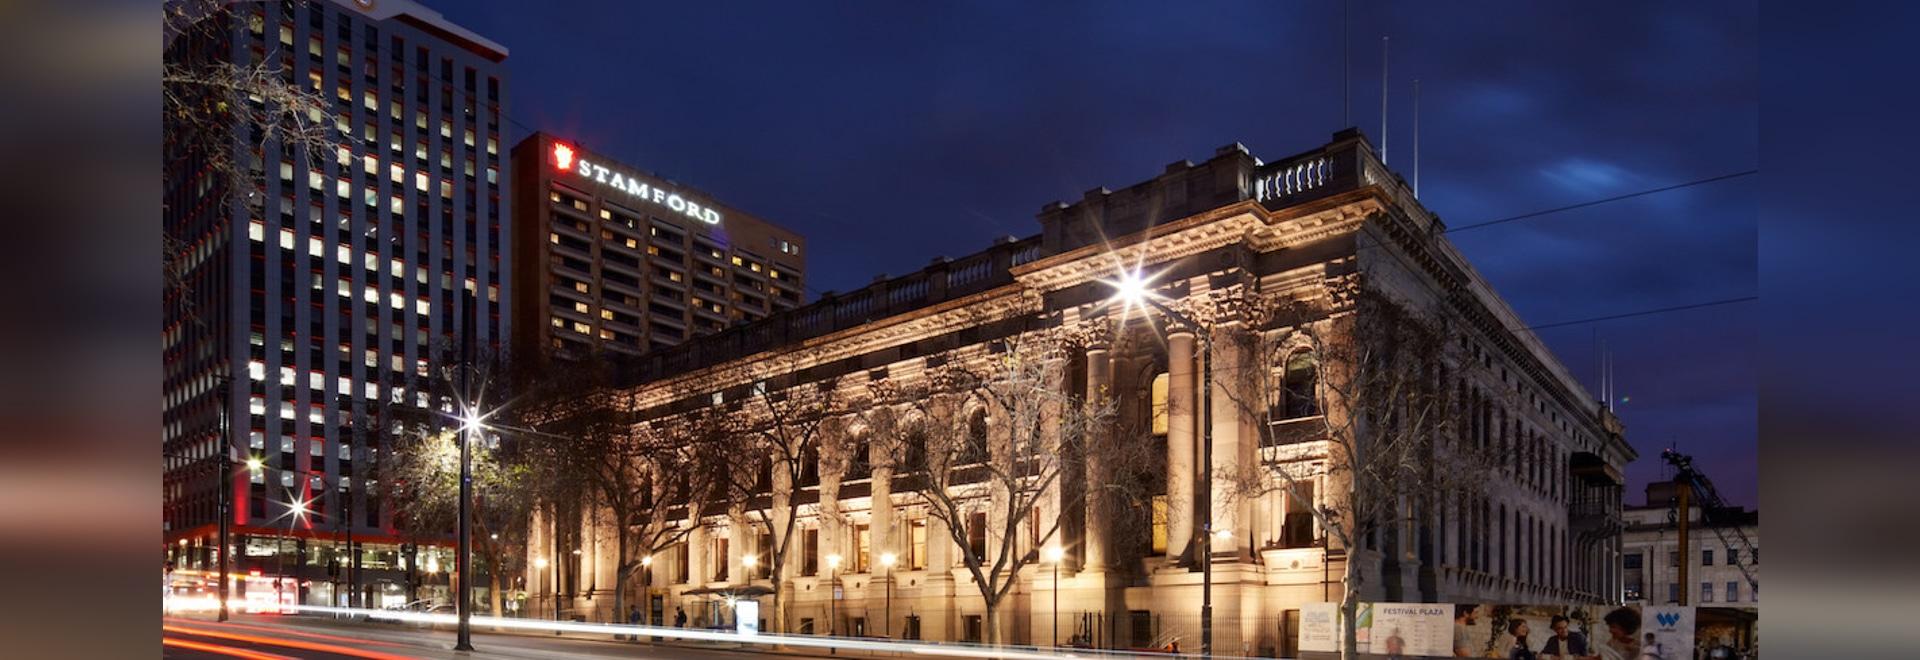 Parlement, Adélaïde Australie-Méridionale